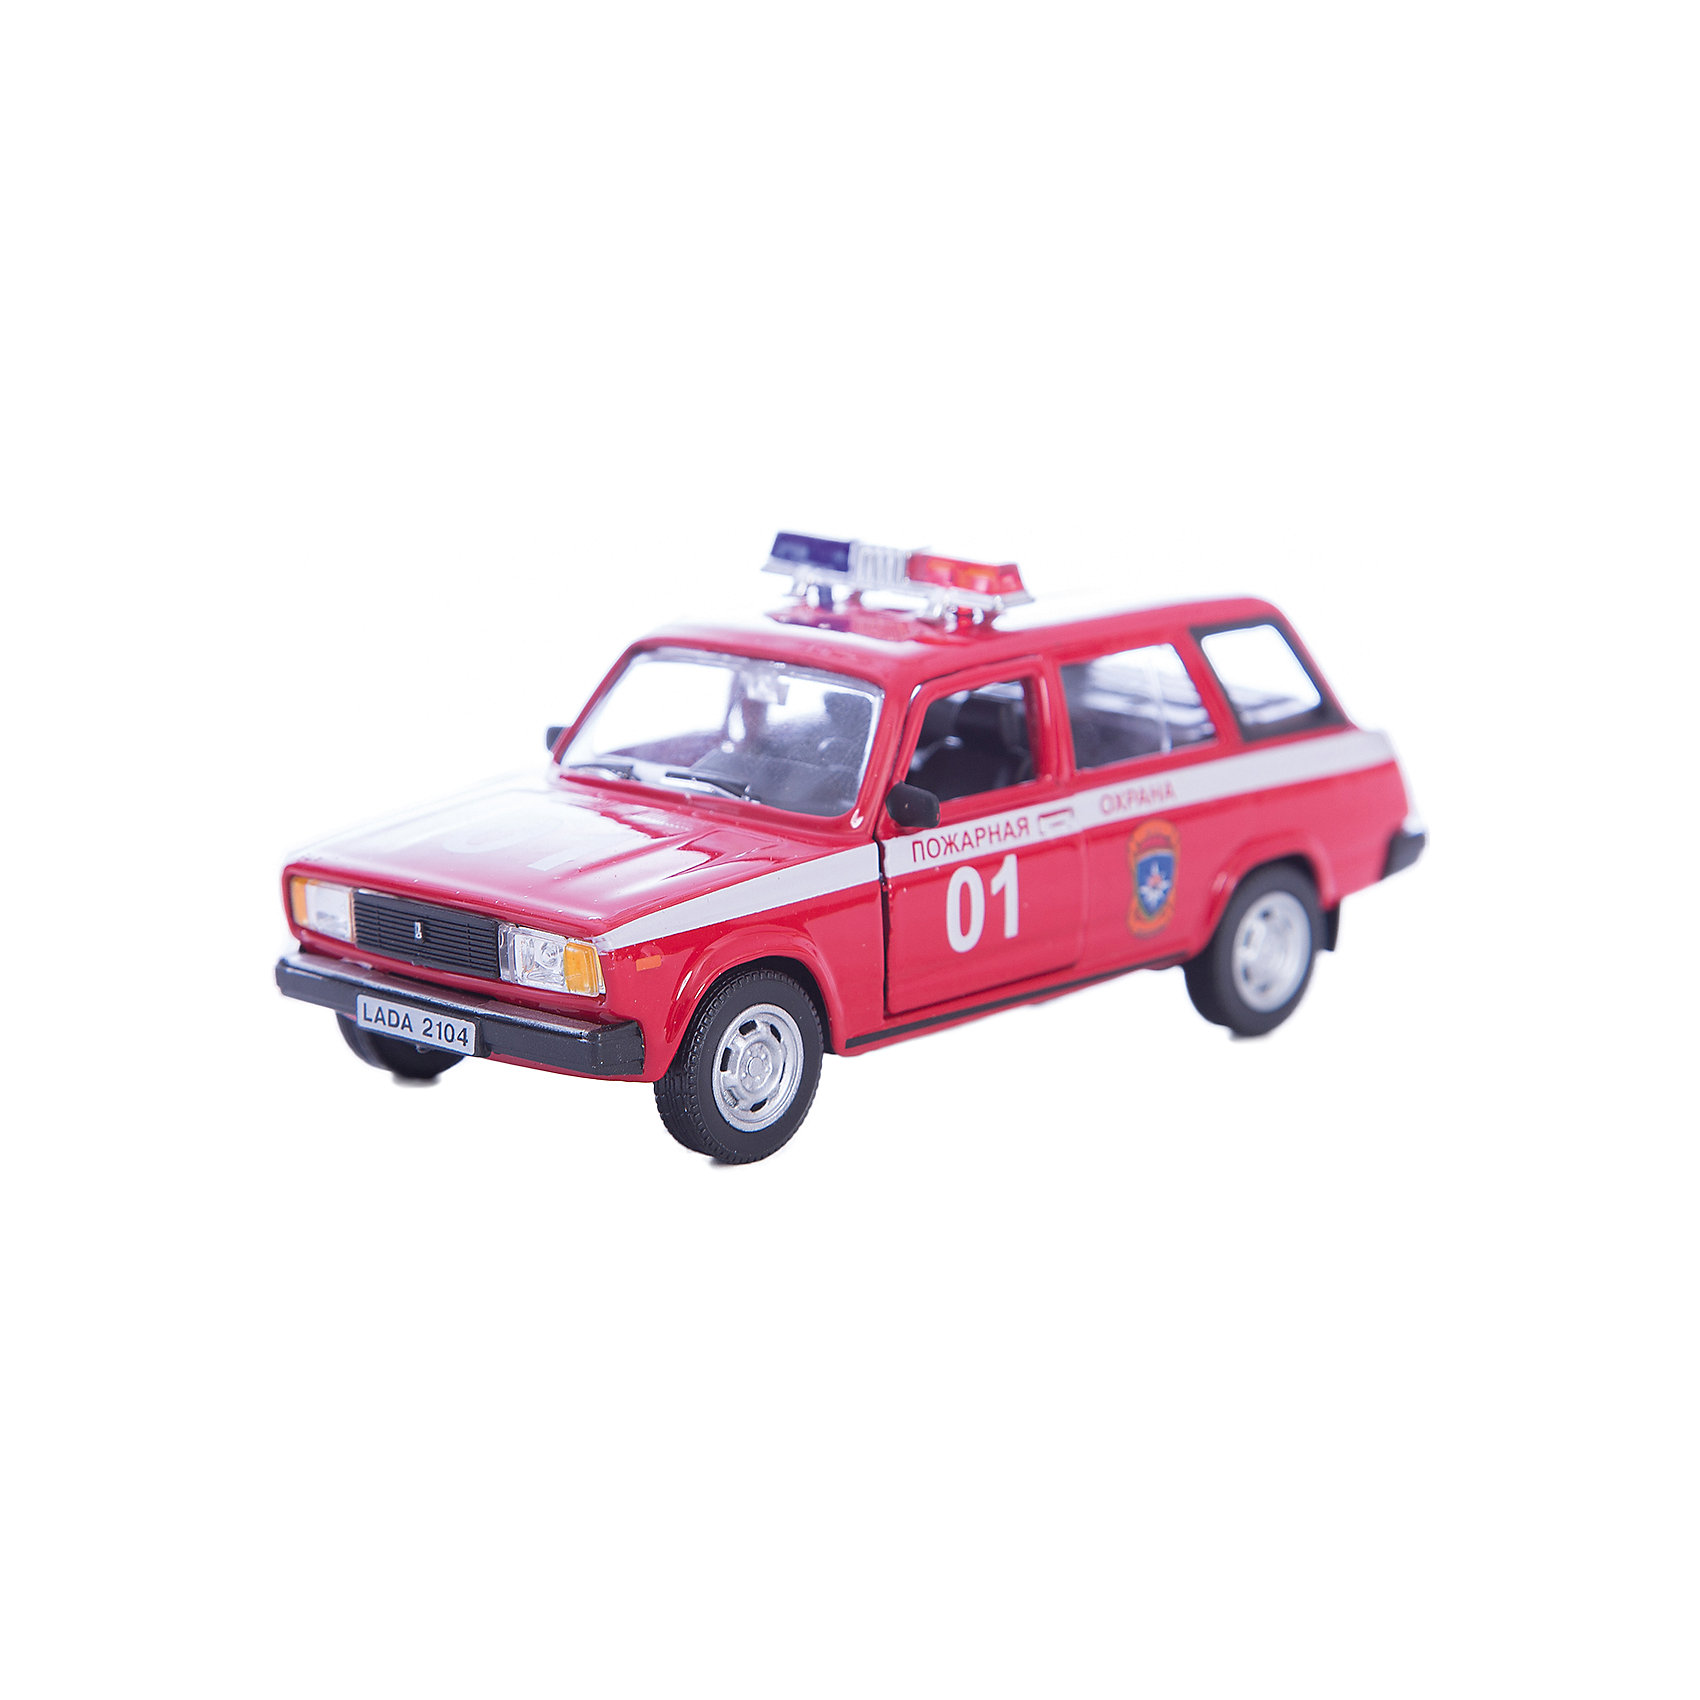 Машинка Lada 2104 пожарная охрана 1:36, AutotimeМашинки<br>Характеристики товара:<br><br>• цвет: красный<br>• материал: металл, пластик<br>• размер: 16,5х7,х5,7 см<br>• вес: 100 г<br>• масштаб: 1:36<br>• прочный материал<br>• хорошая детализация<br>• открываются двери<br>• страна бренда: Россия<br>• страна производства: Китай<br><br>Коллекционная машинка LADA 2104 пожарная охрана от бренда AUTOTIME станет отличным подарком для мальчика. Подробная детализация машинки порадует увлеченного коллекционера, а открывающиеся двери и свободно вращающиеся колеса придутся по душе юному владельцу игрушечного гаража. Эта игрушка подарит восторг и радость вашему ребенку. <br><br>Игрушка также воздействует на наглядно-образное мышление, логическое мышление, развивает мелкую моторику. Изделие выполнено из сертифицированных материалов, безопасных для детей.<br><br>Машинку «Lada 2104» пожарная охрана от бренда AUTOTIME можно купить в нашем интернет-магазине.<br><br>Ширина мм: 165<br>Глубина мм: 57<br>Высота мм: 75<br>Вес г: 13<br>Возраст от месяцев: 36<br>Возраст до месяцев: 2147483647<br>Пол: Мужской<br>Возраст: Детский<br>SKU: 5583948